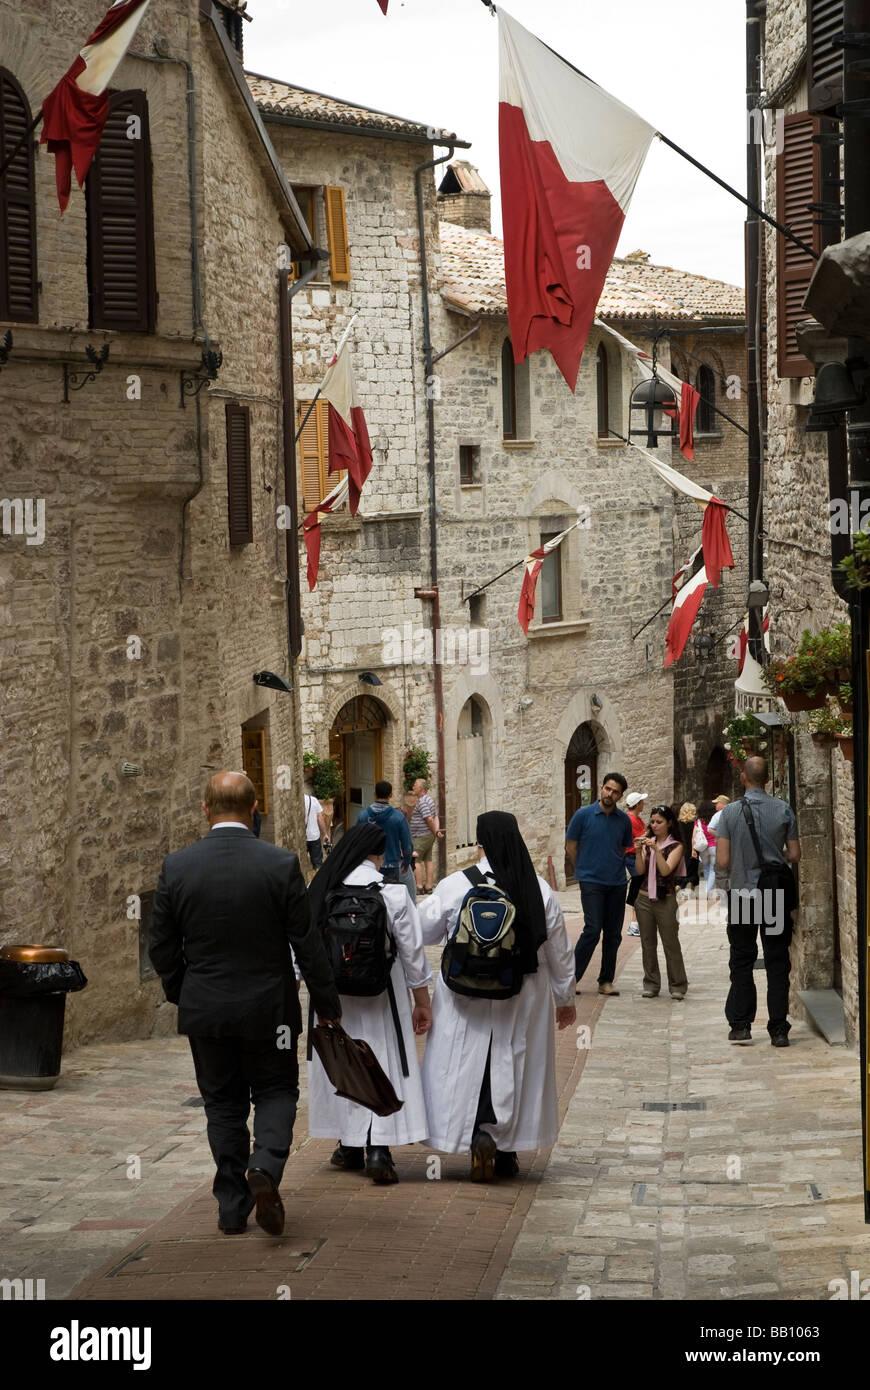 Nonnen und Geschäftsmann auf Straße in Assisi unter Flaggen Stockbild